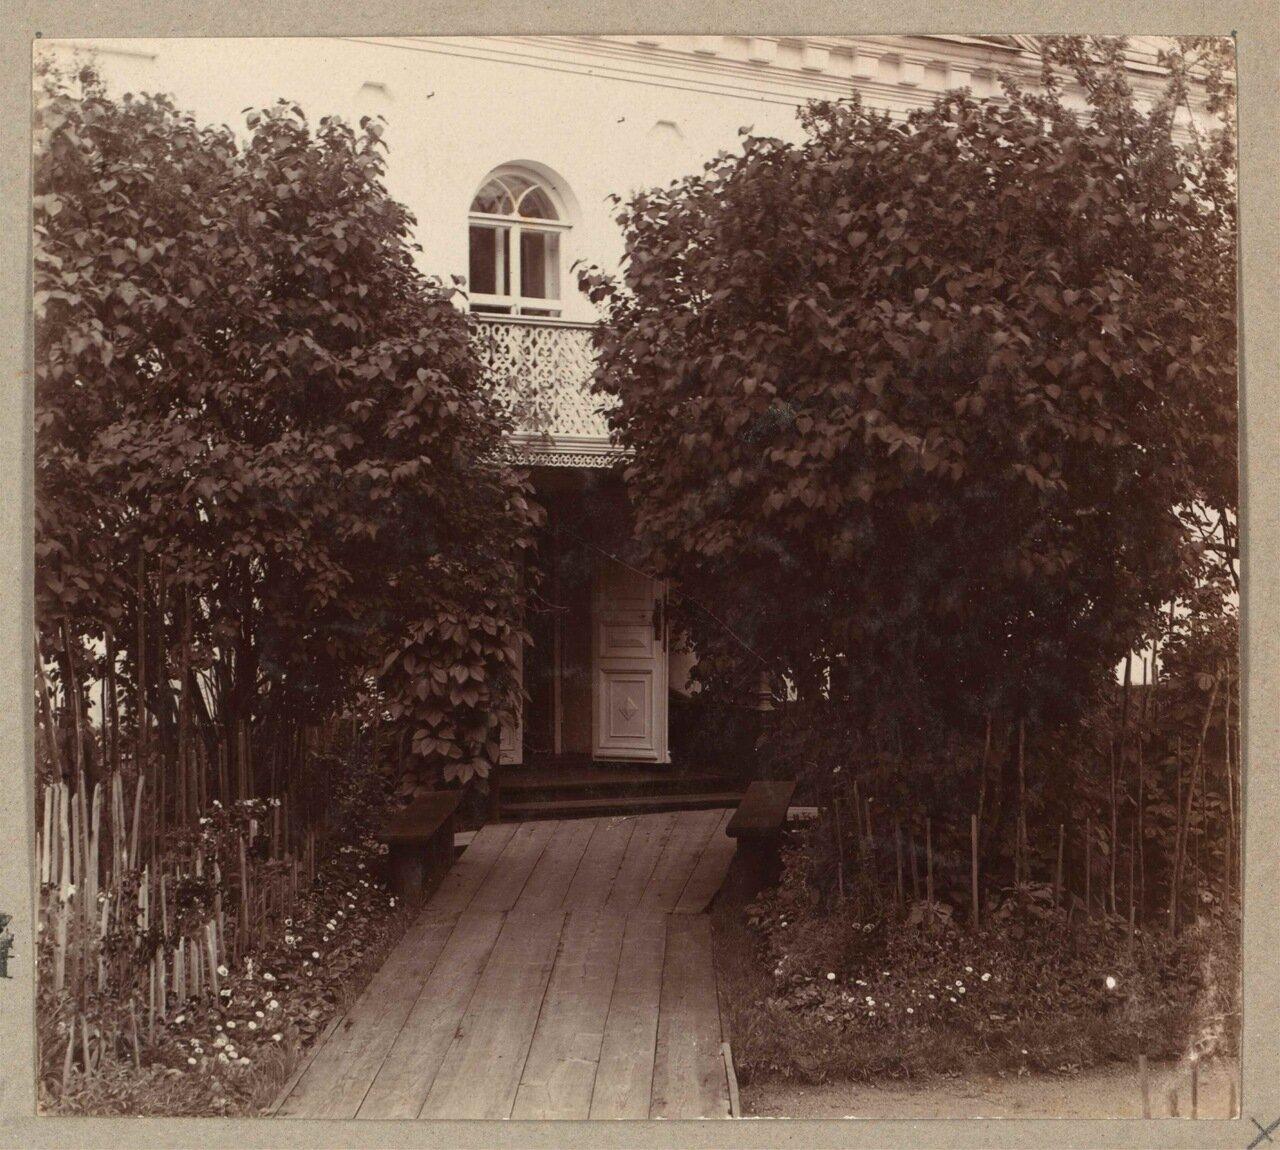 Женский Сретенский монастырь в Кашине. Вход в дом, где жила Великая Княгиня Елизавета Федоровна в 1909 году